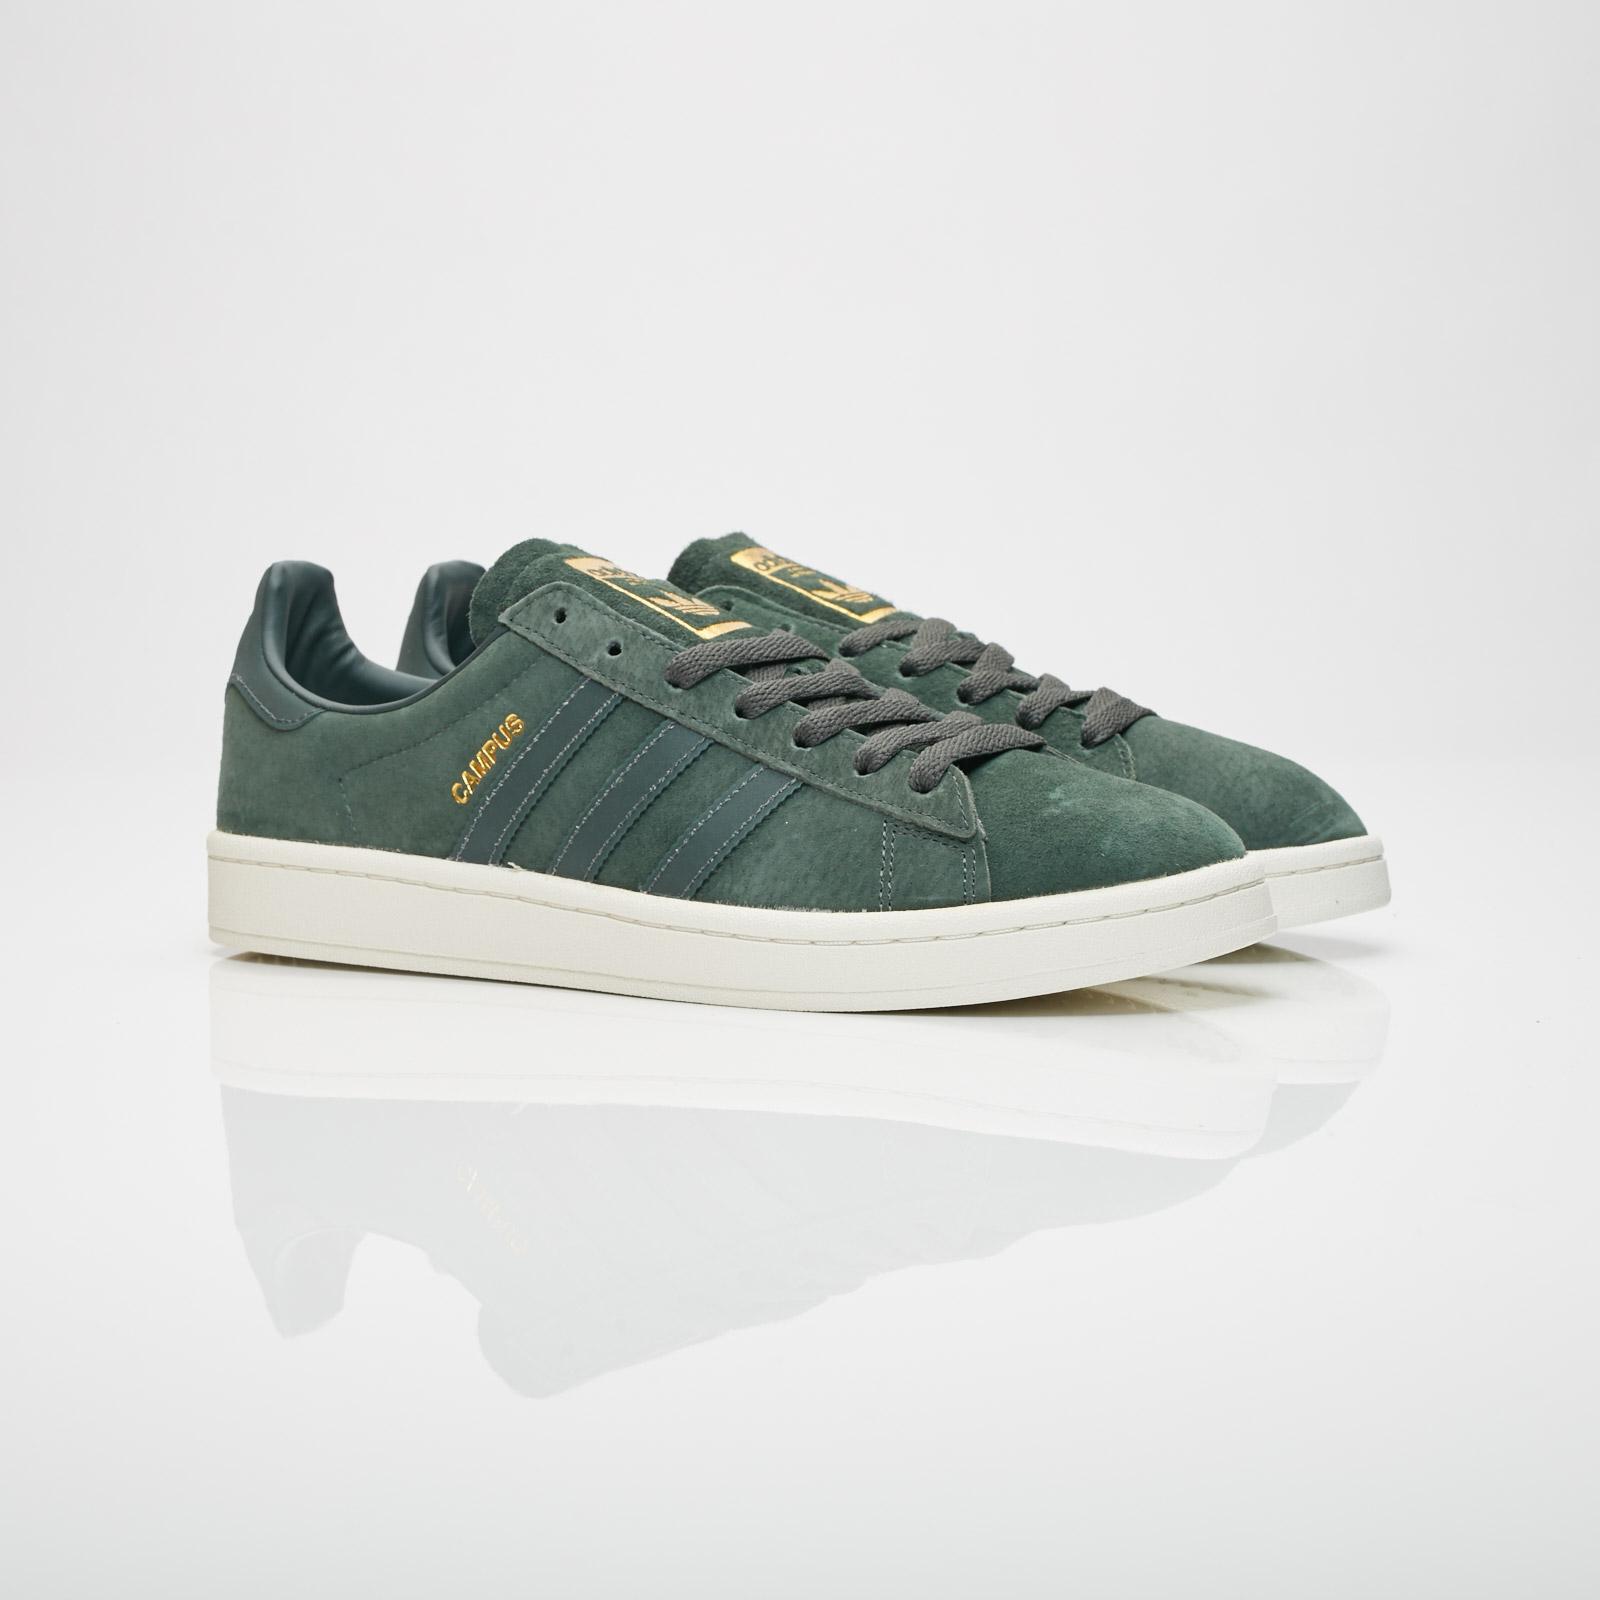 new product 5cb47 8fe7d adidas Originals Campus